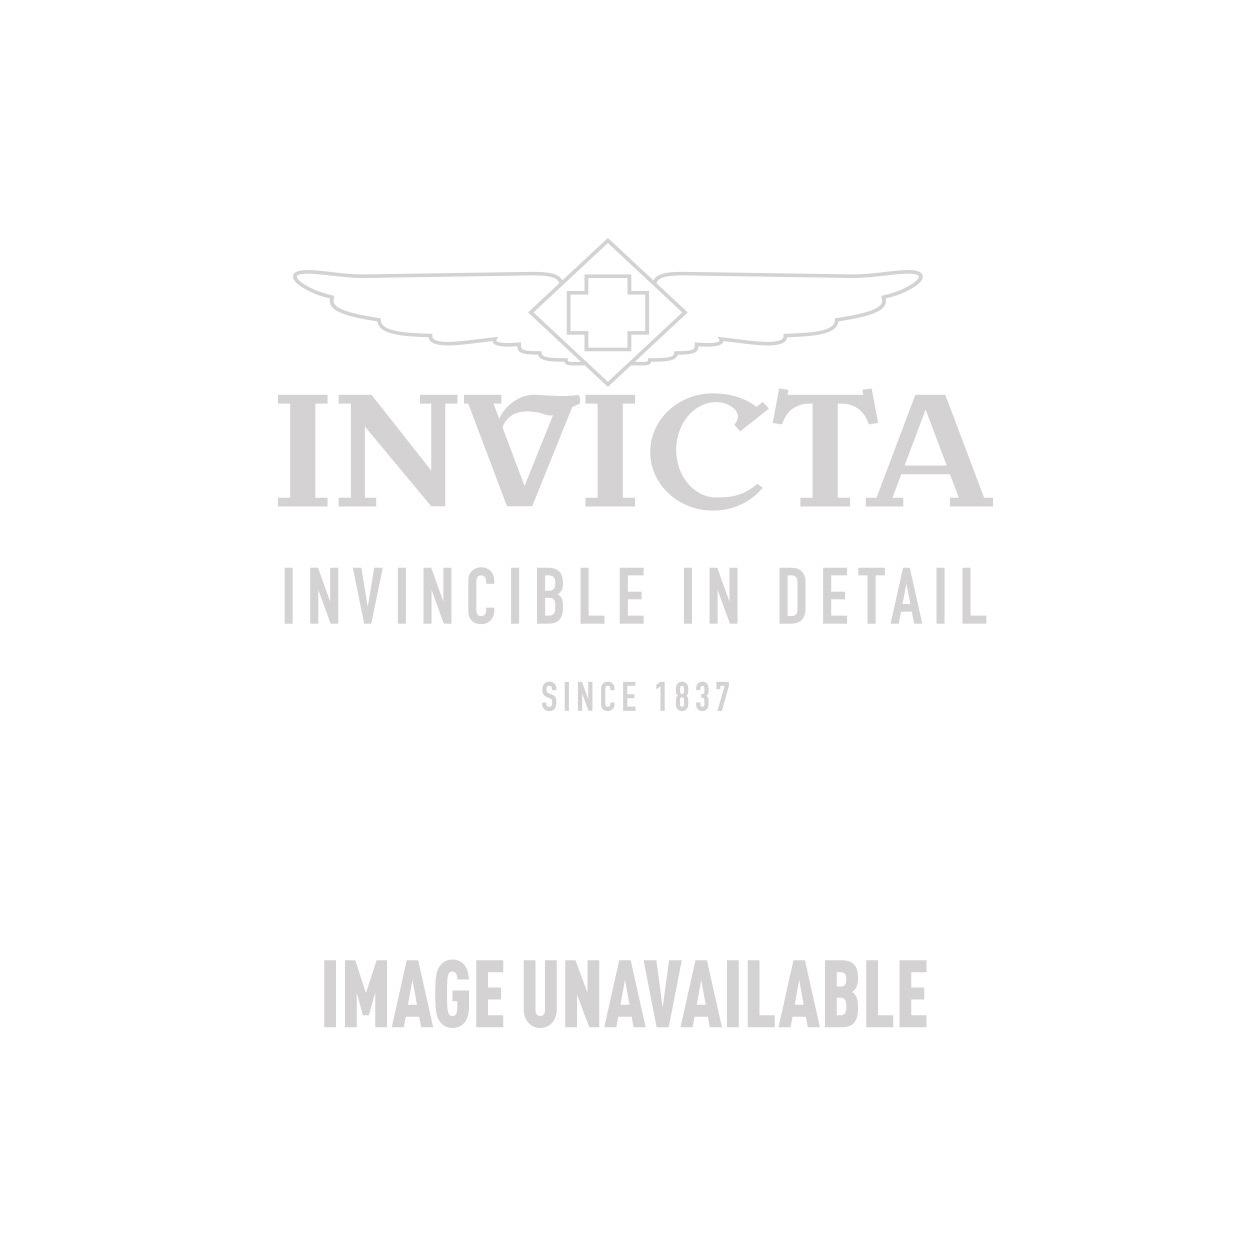 Invicta Model 27008